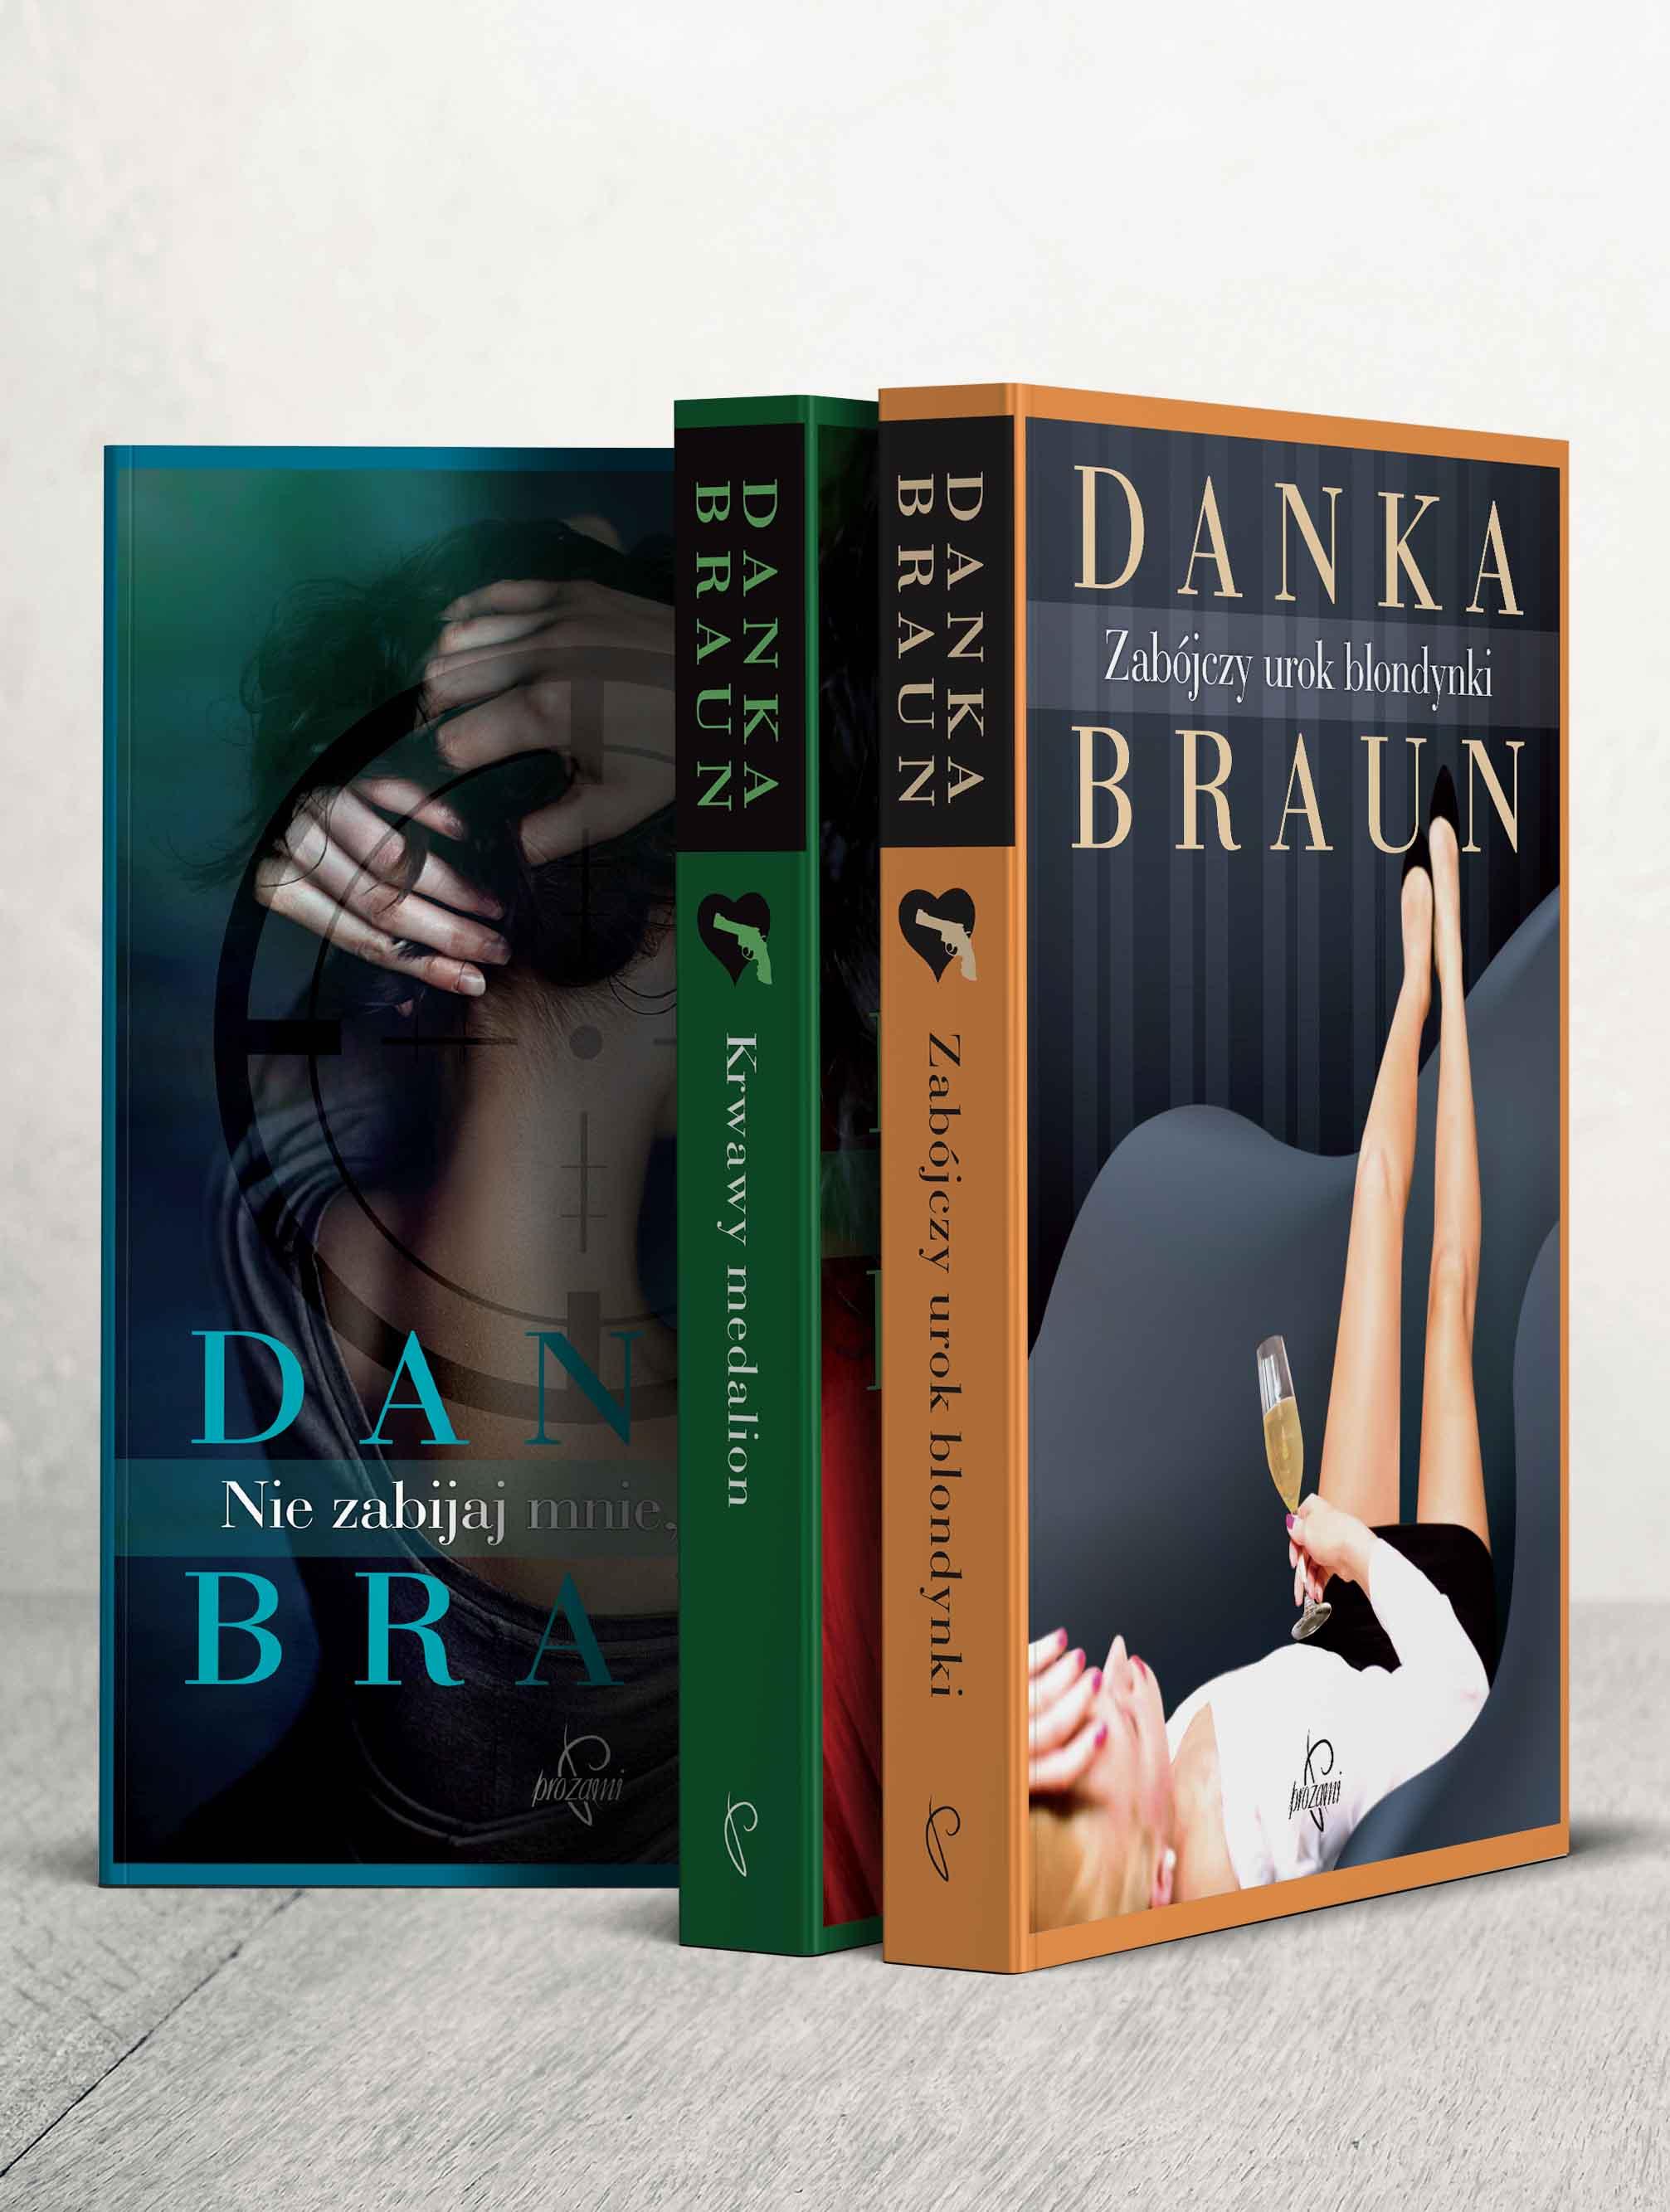 pakiet 3 książek Danki Braun